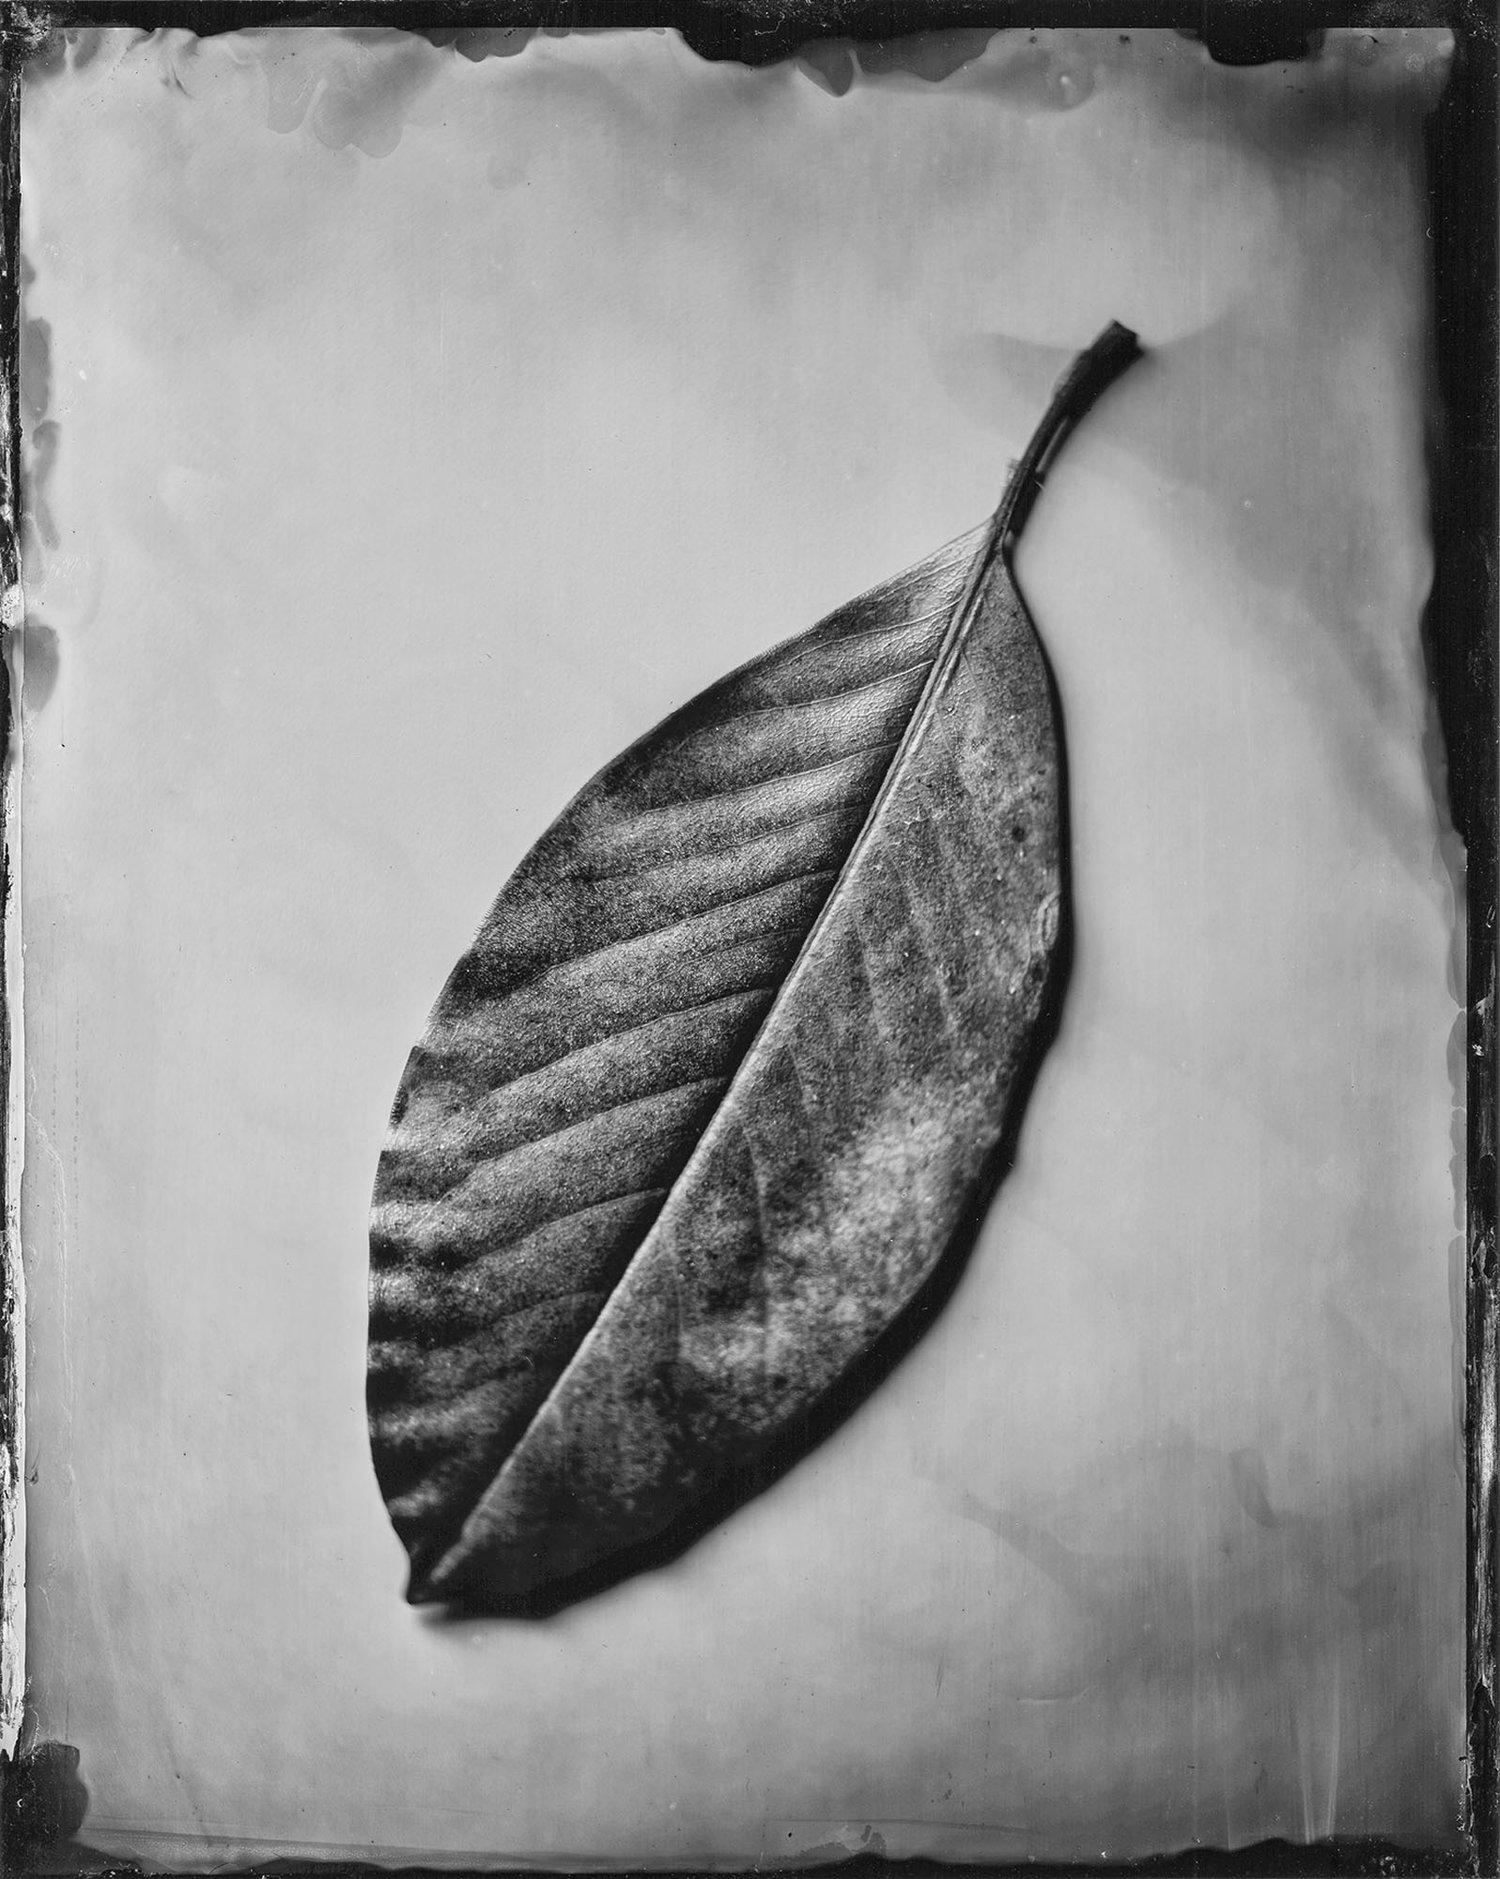 Magnolia Grandiflora Leaf 10.11.18 - By: Michael Marano